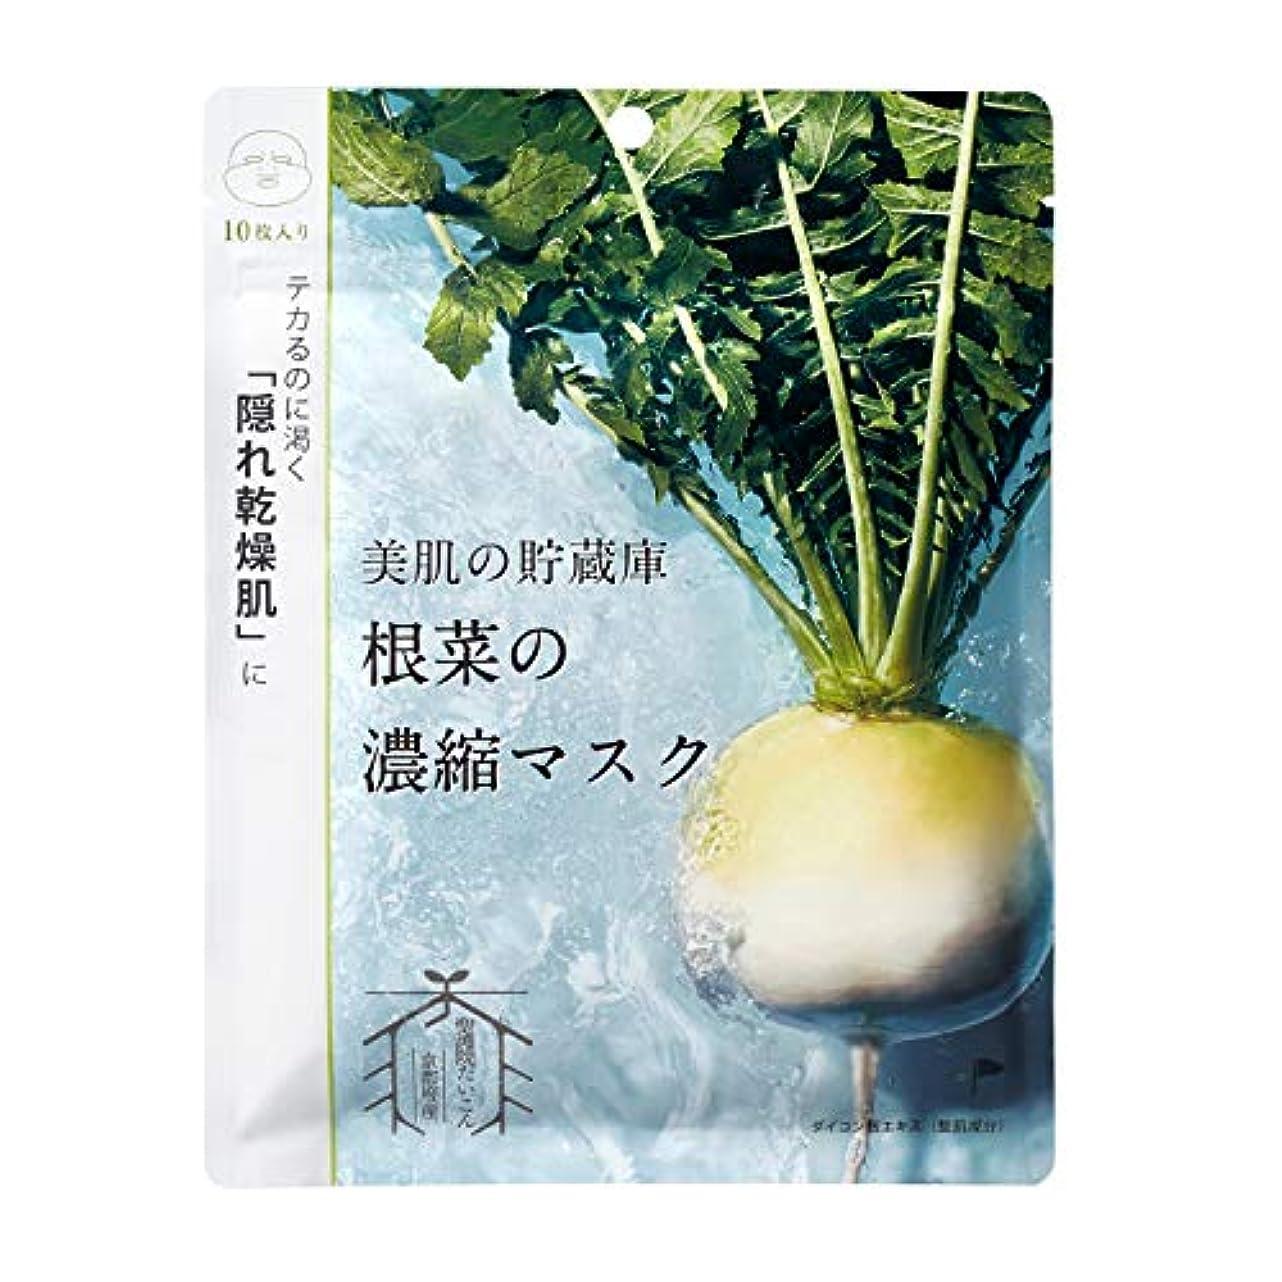 ウルルブロックするコンペ@cosme nippon 美肌の貯蔵庫 根菜の濃縮マスク 聖護院だいこん 10枚入 148ml